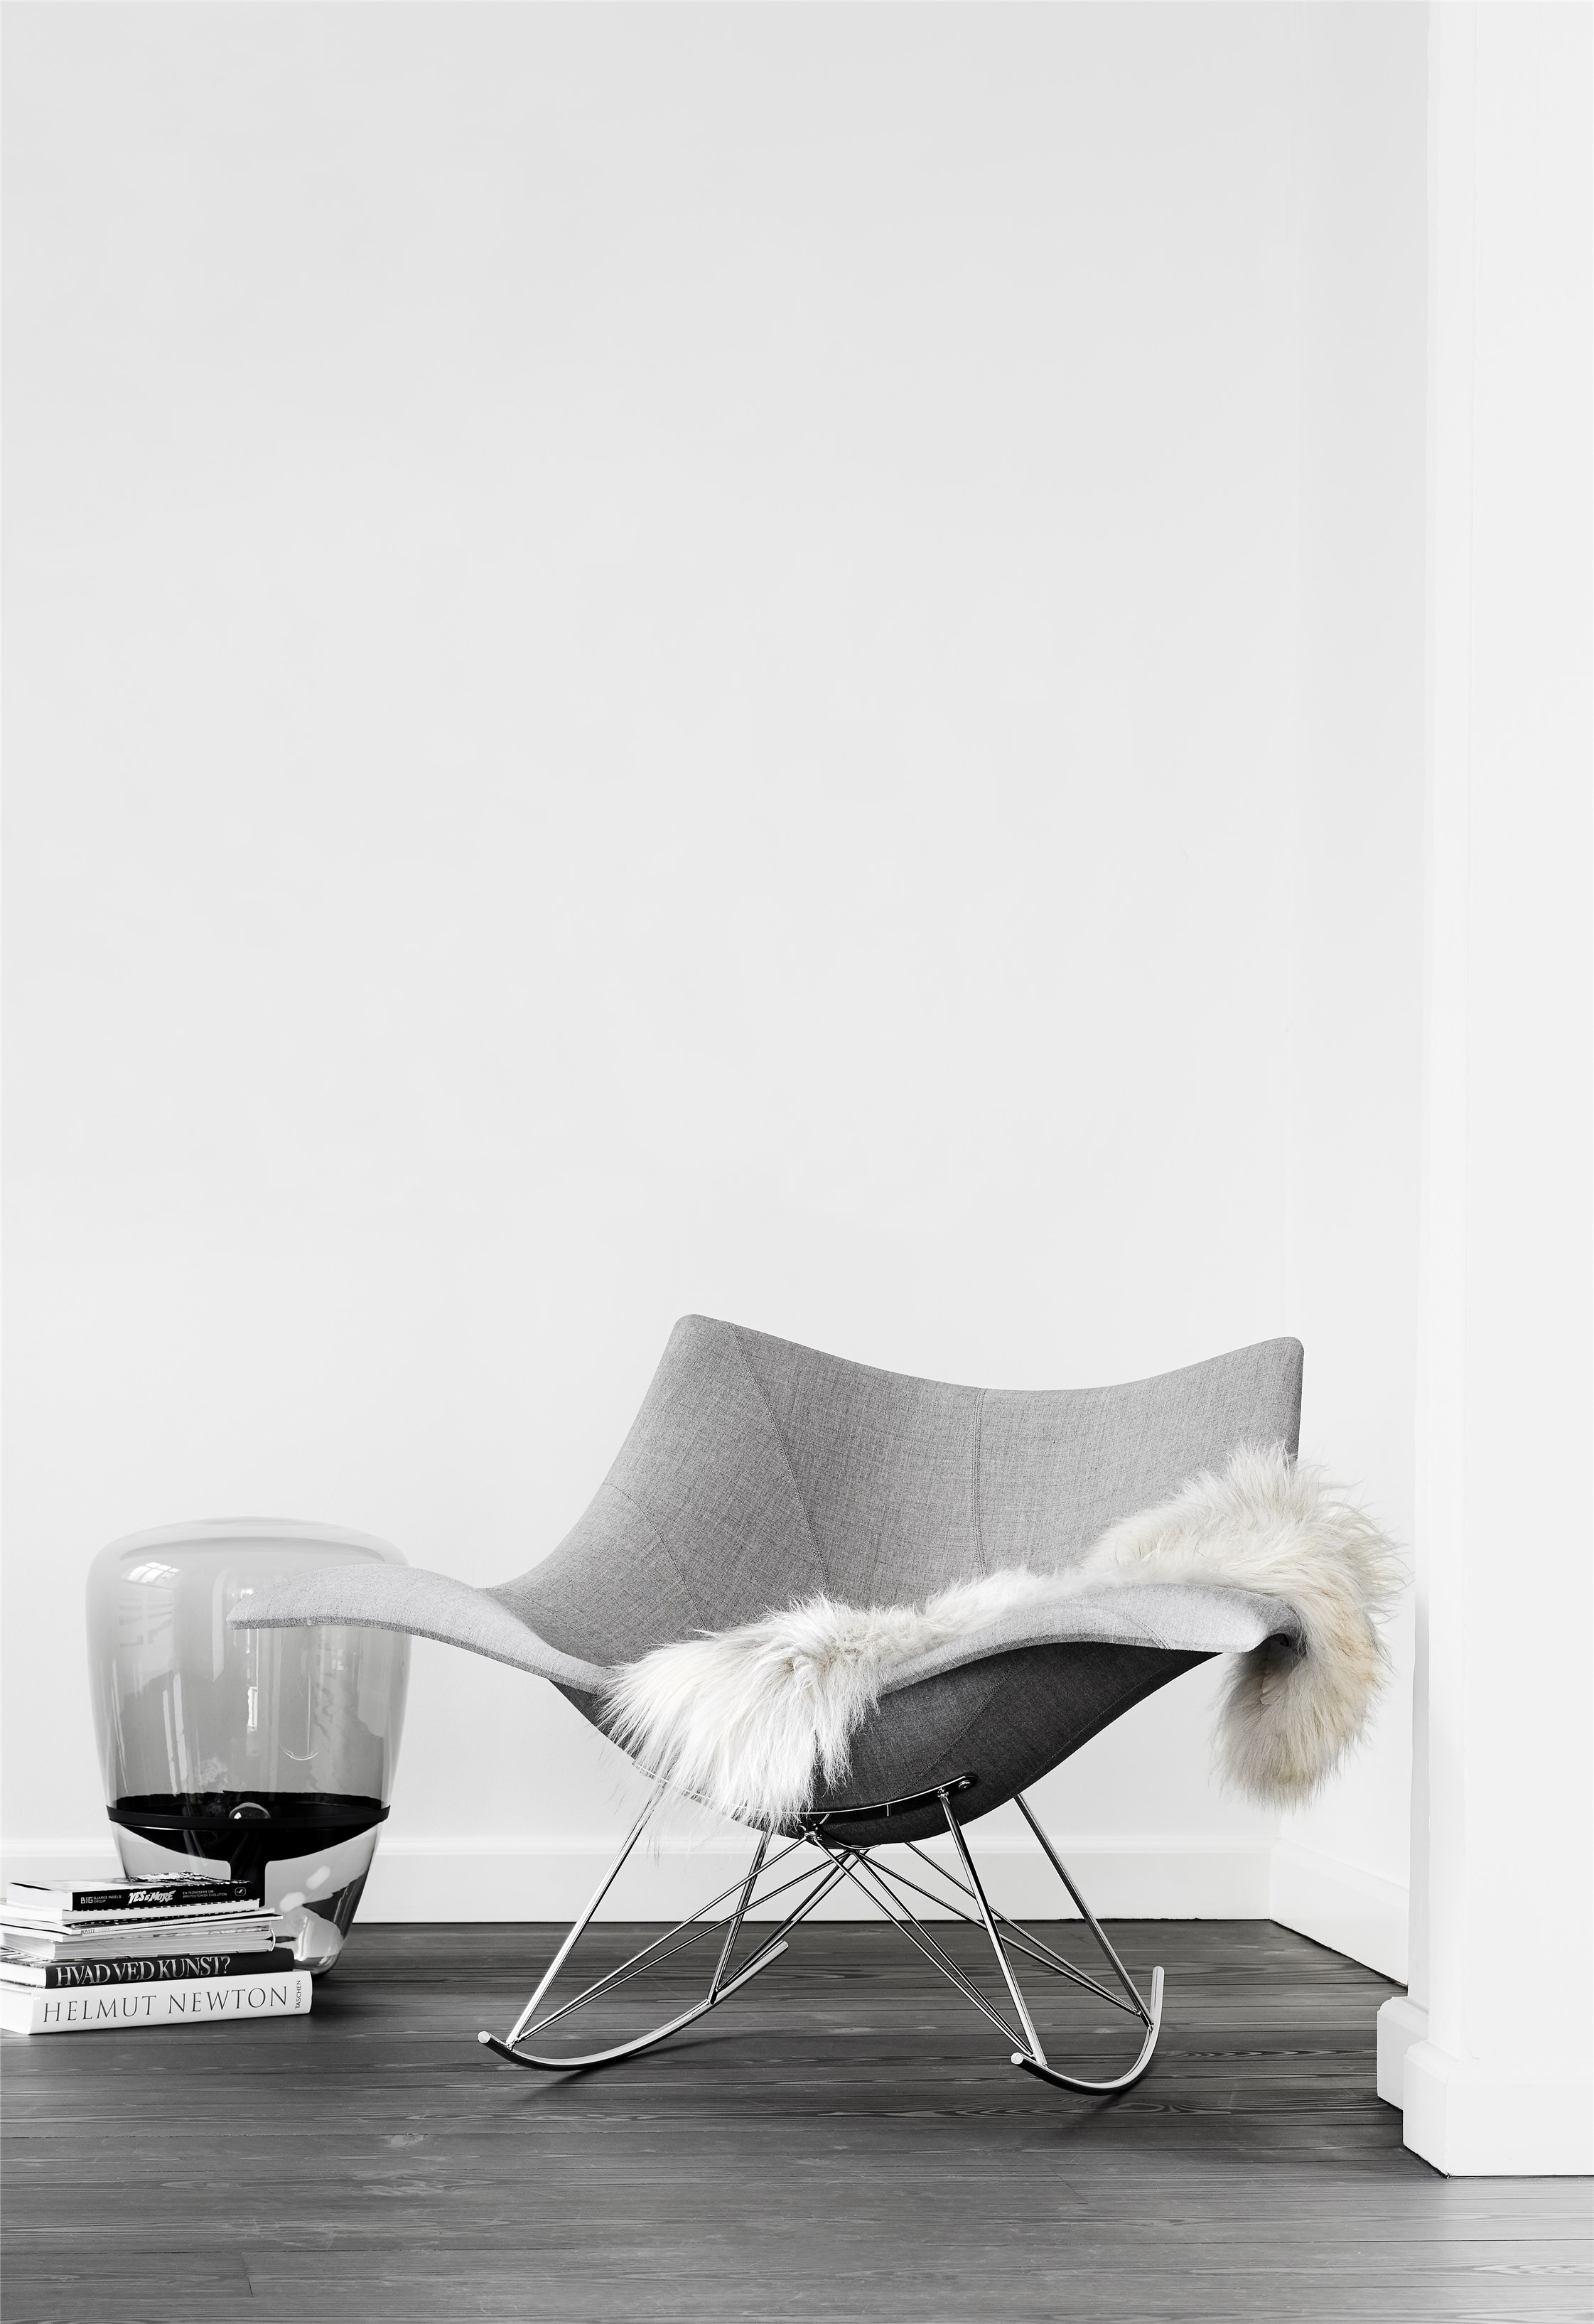 Фото откидных кресел. Кресло The Stingray. Фото 2